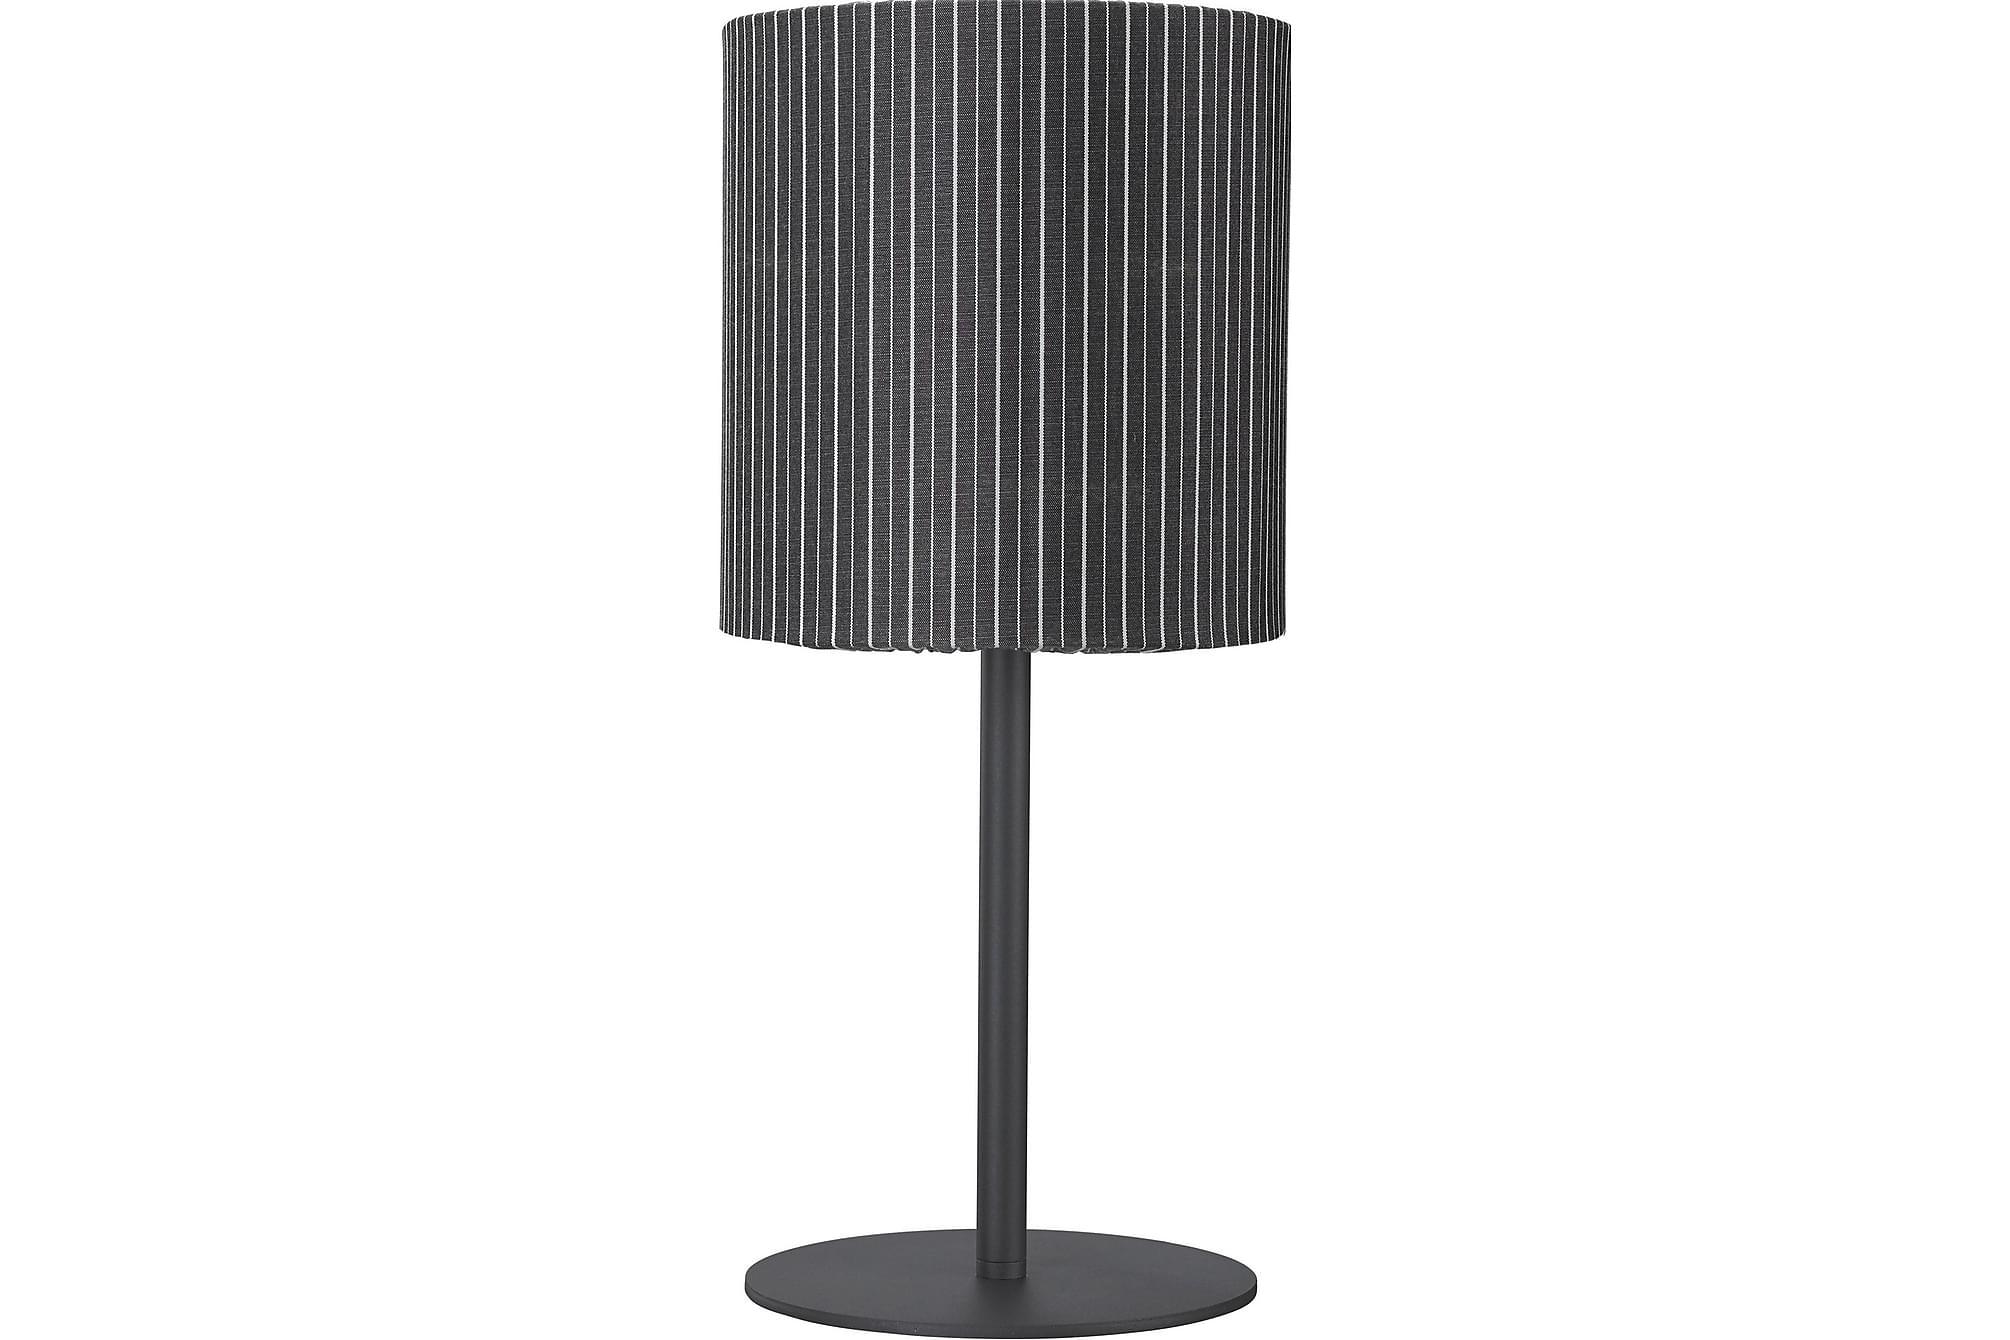 Agnar Bordslampa, Bordslampor